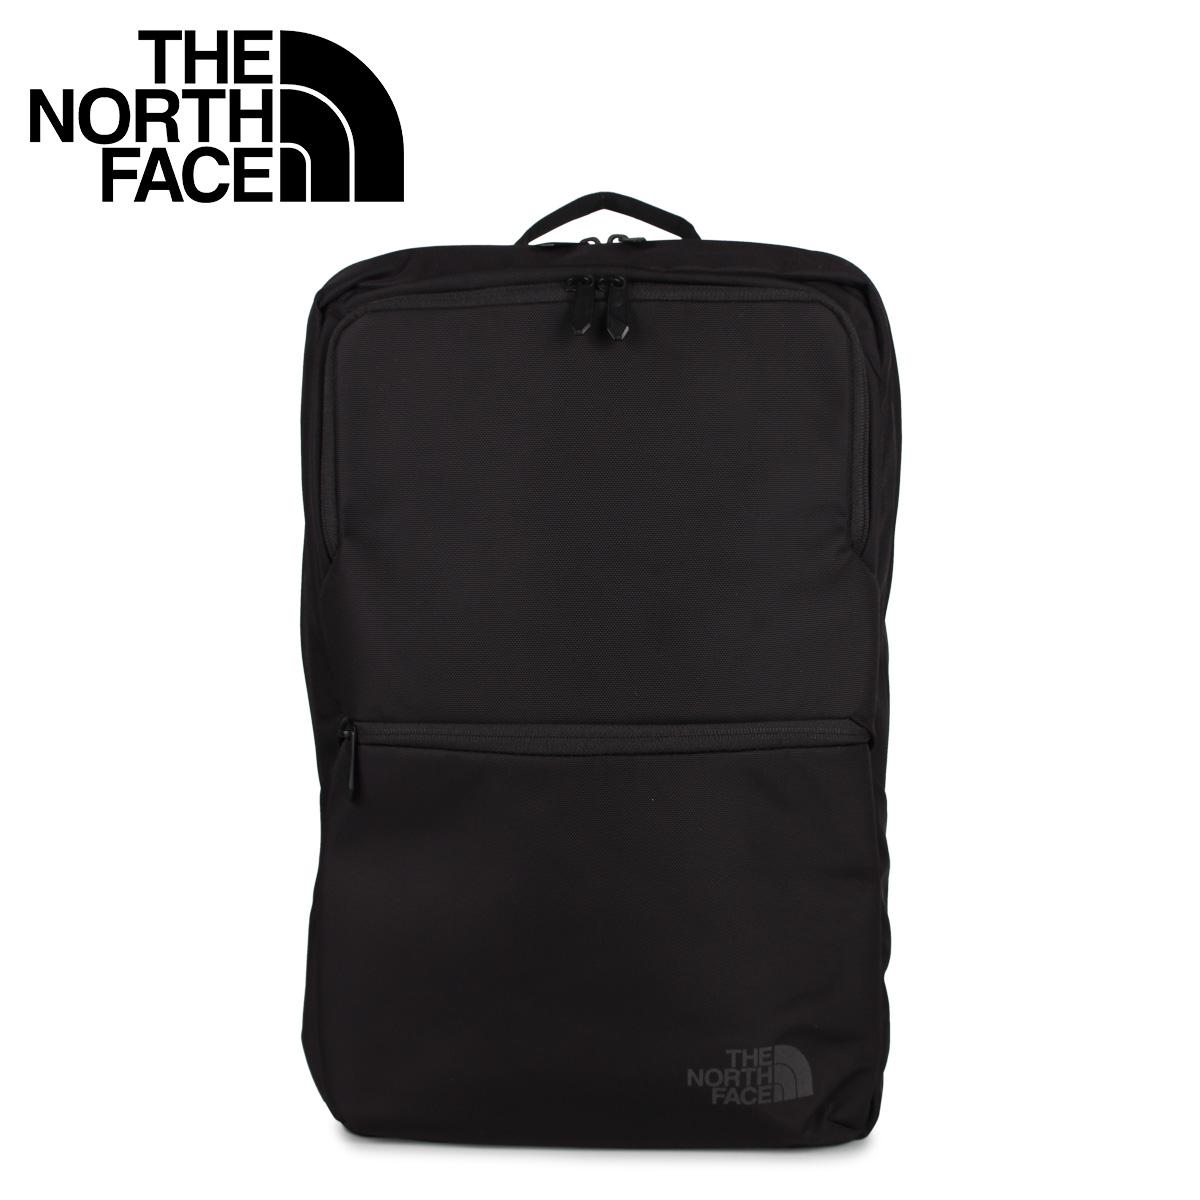 ノースフェイス THE NORTH FACE リュック バッグ バックパック シャトルデイパック メンズ レディース 25L SHUTTLE DAYPACK ブラック 黒 NM82054 [9月 新入荷]